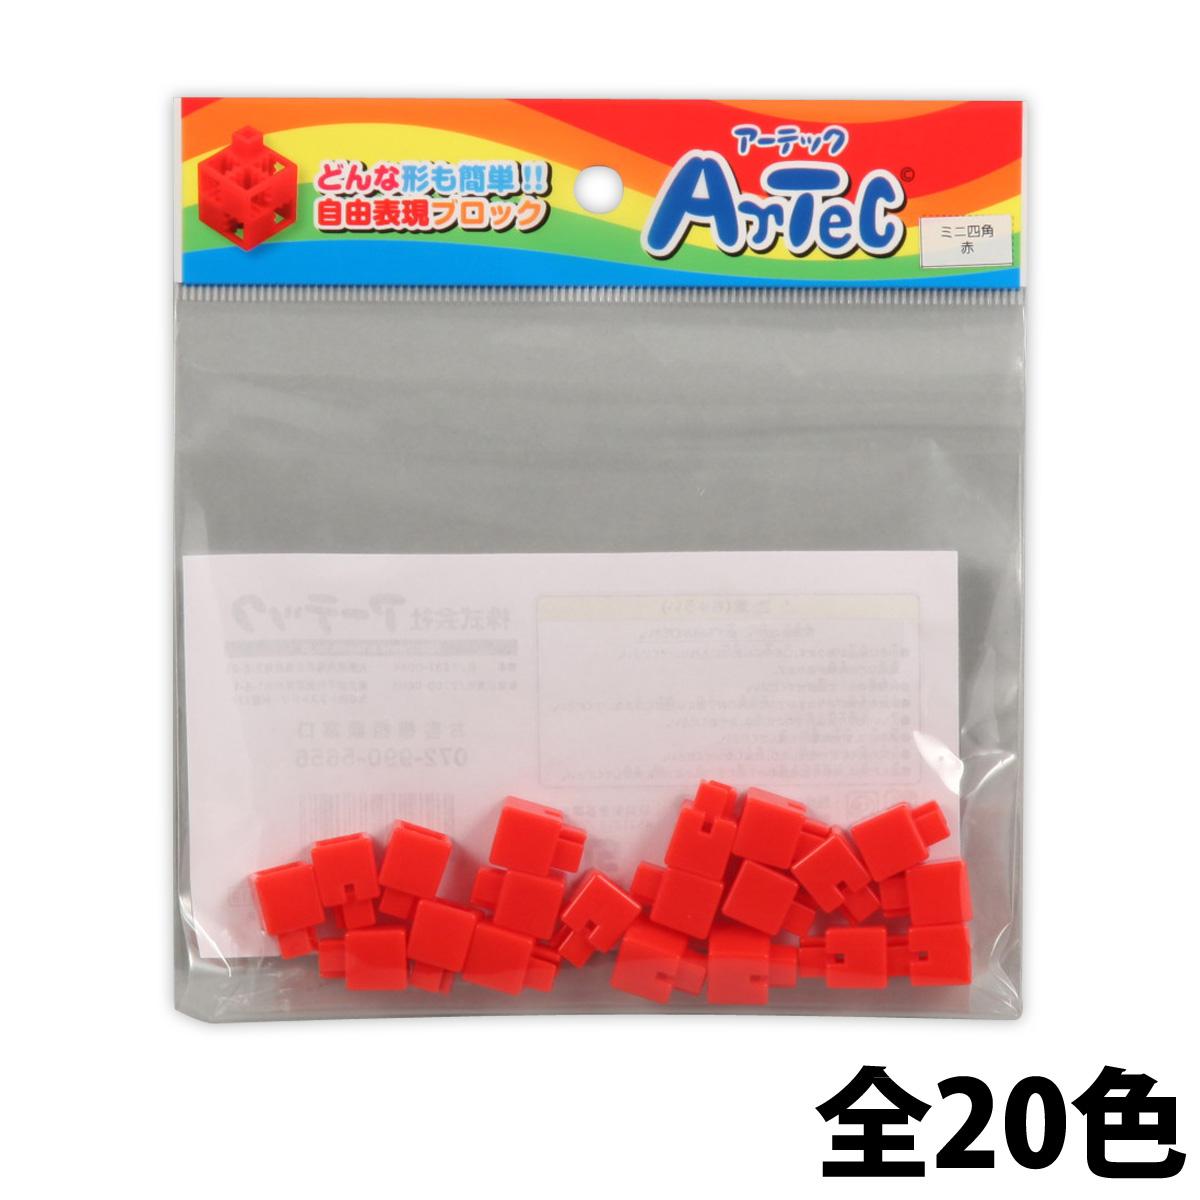 【メール便可】 キッズ 子供 ジュニア 日本製 おもちゃ 学習 アーテックブロック ブロック パズル カラーブロック 知育玩具 3歳 4歳 5歳 6歳 教育 Artecブロック  アーテックブロック部品 アーテックブロック ミニ四角単品 20pcsセット ブロック おもちゃ 日本製 カラーブロック ゲーム 玩具 レゴ・レゴブロックのように遊べます 室内